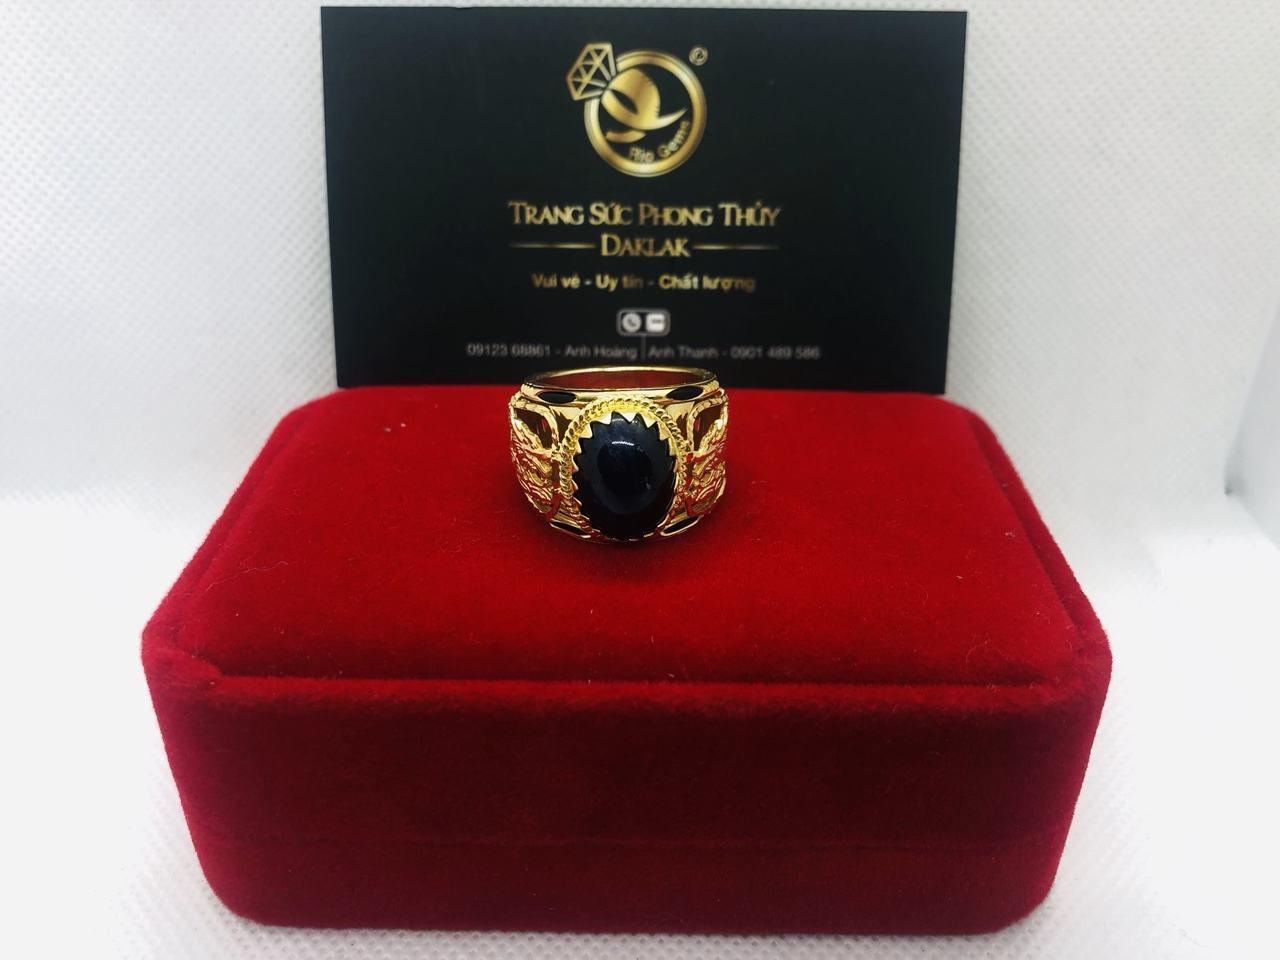 Nhẫn lông voi dành cho nam rồng hạt xanh tím đen mới